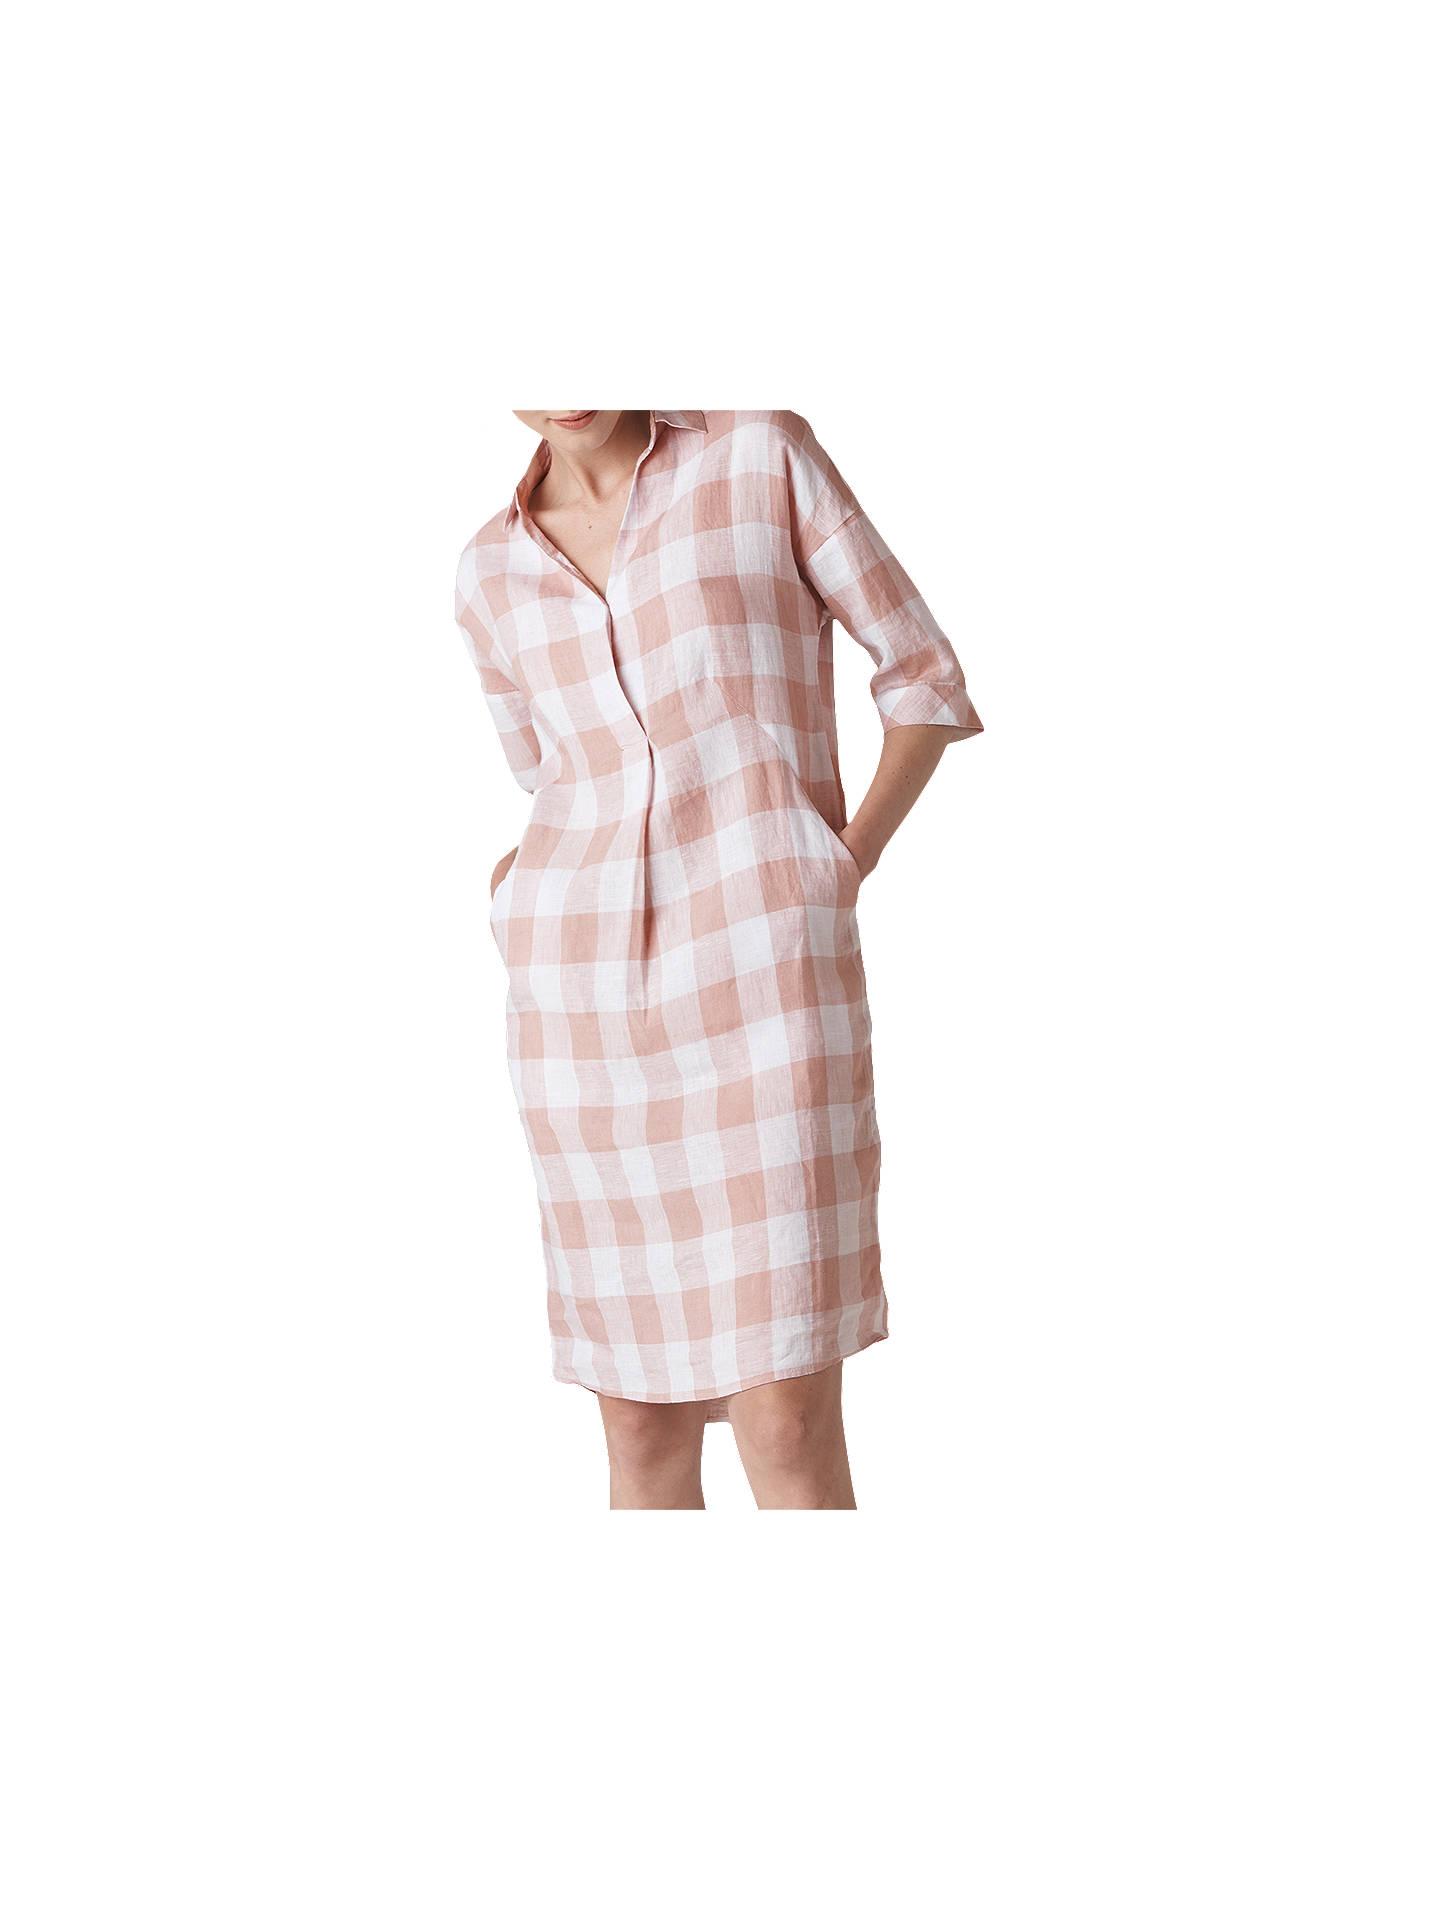 f14ccca2c5 Buy Whistles Lola Gingham Linen Dress